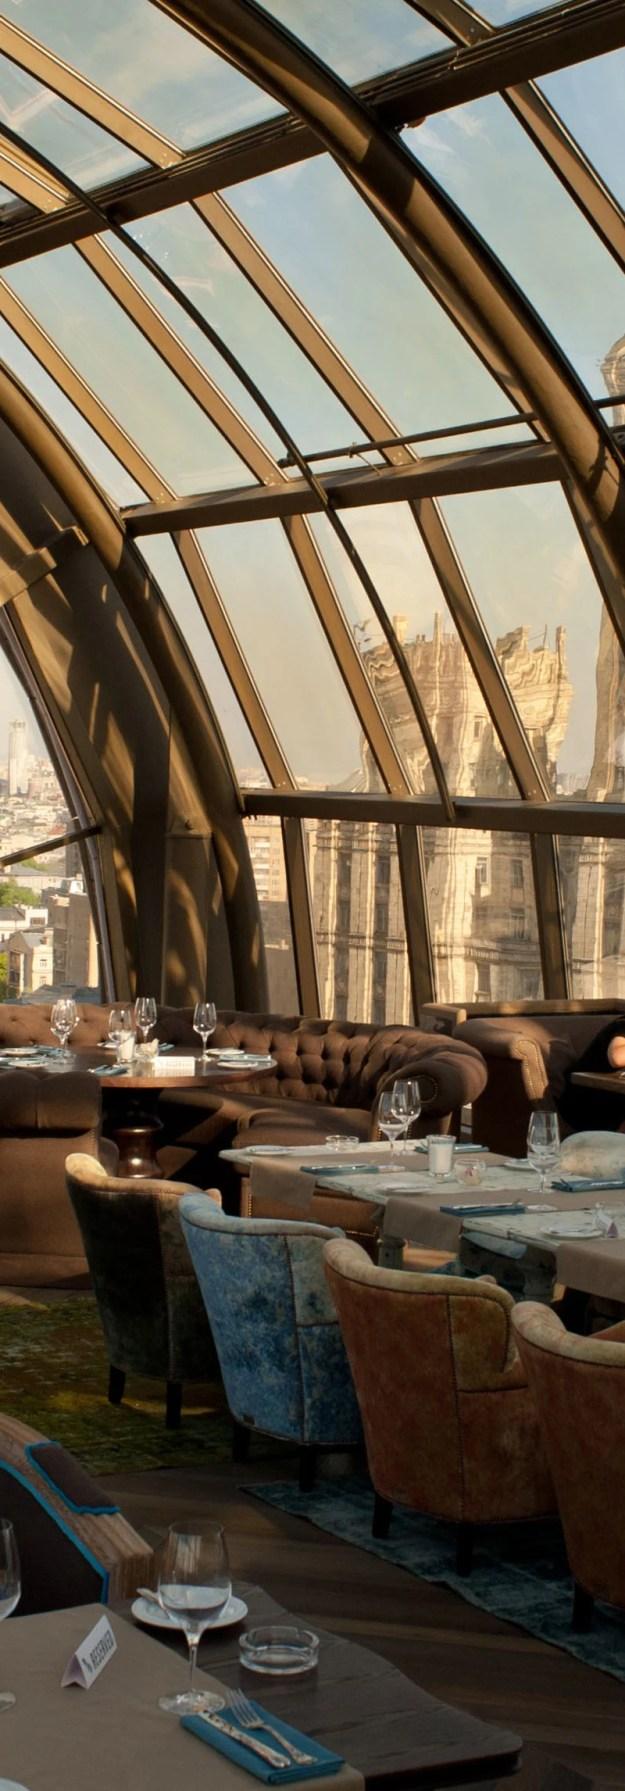 25 World's Best Restaurant Views 89